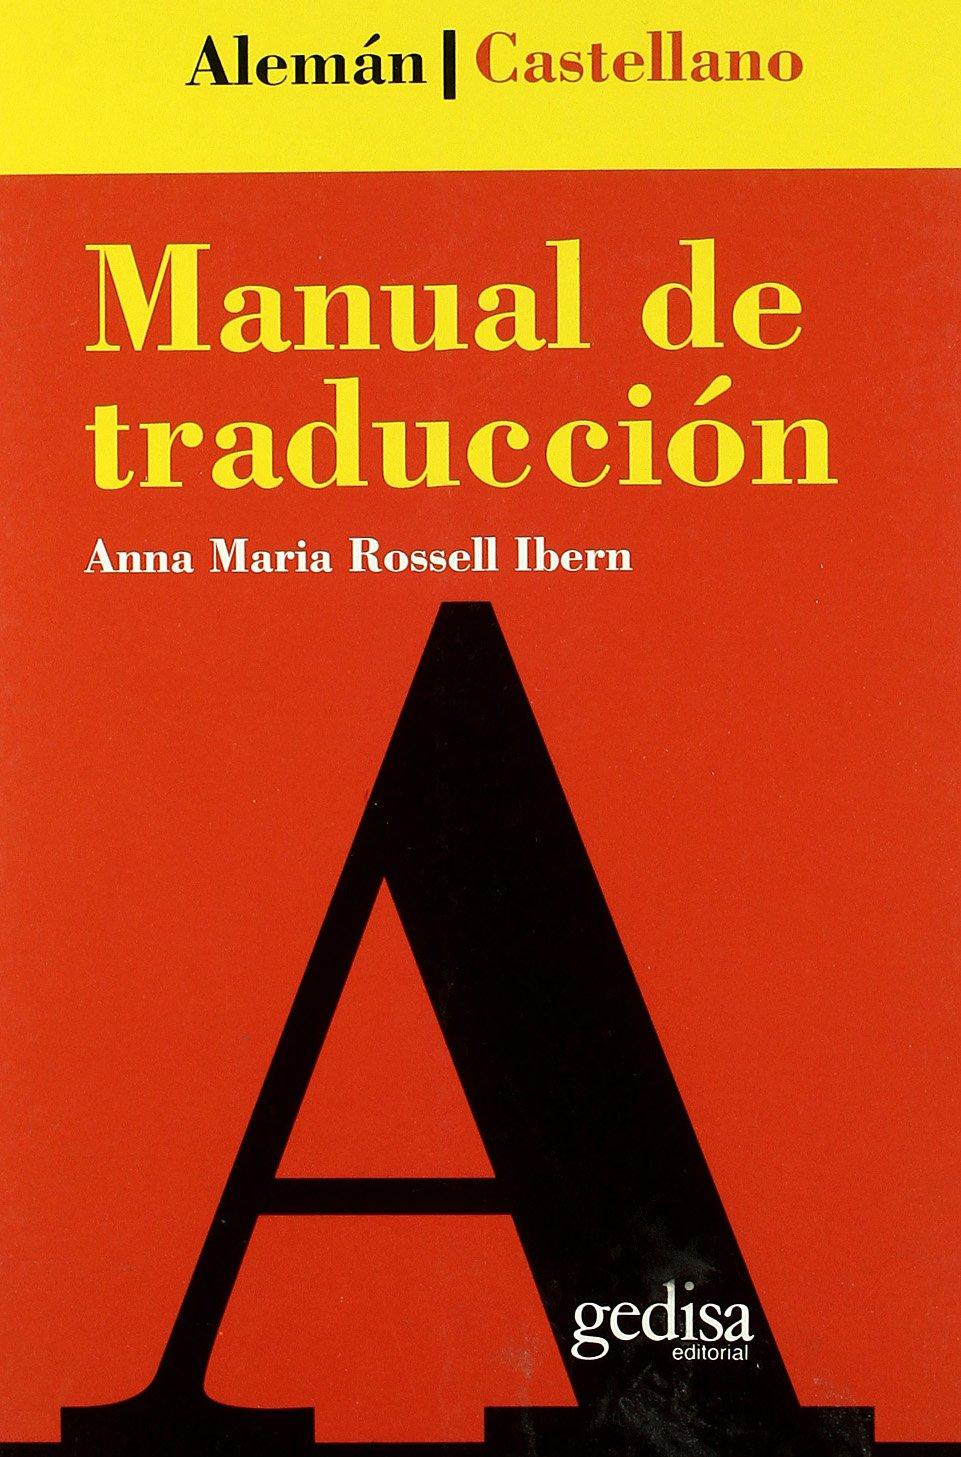 Portada del libro «Manual de traducción (alemán-castellano), de la escritora y filóloga alemana Anna Rossell